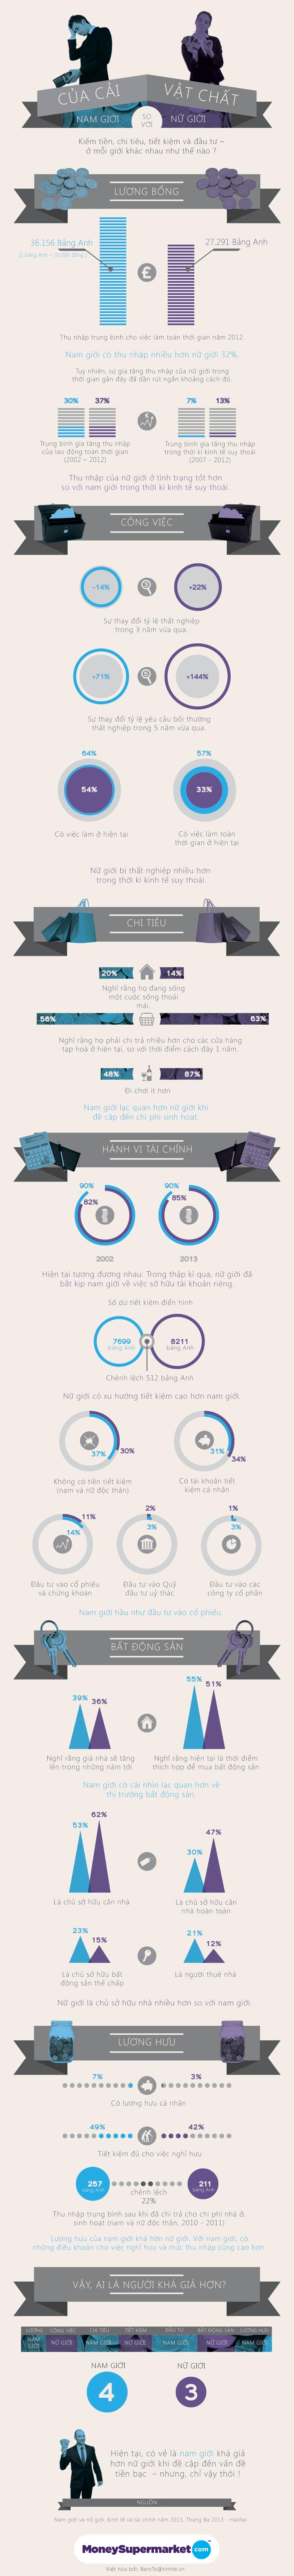 Infographic - Vấn đề sử dụng tiền bạc ở Nam giới và Nữ giới như thế nào?